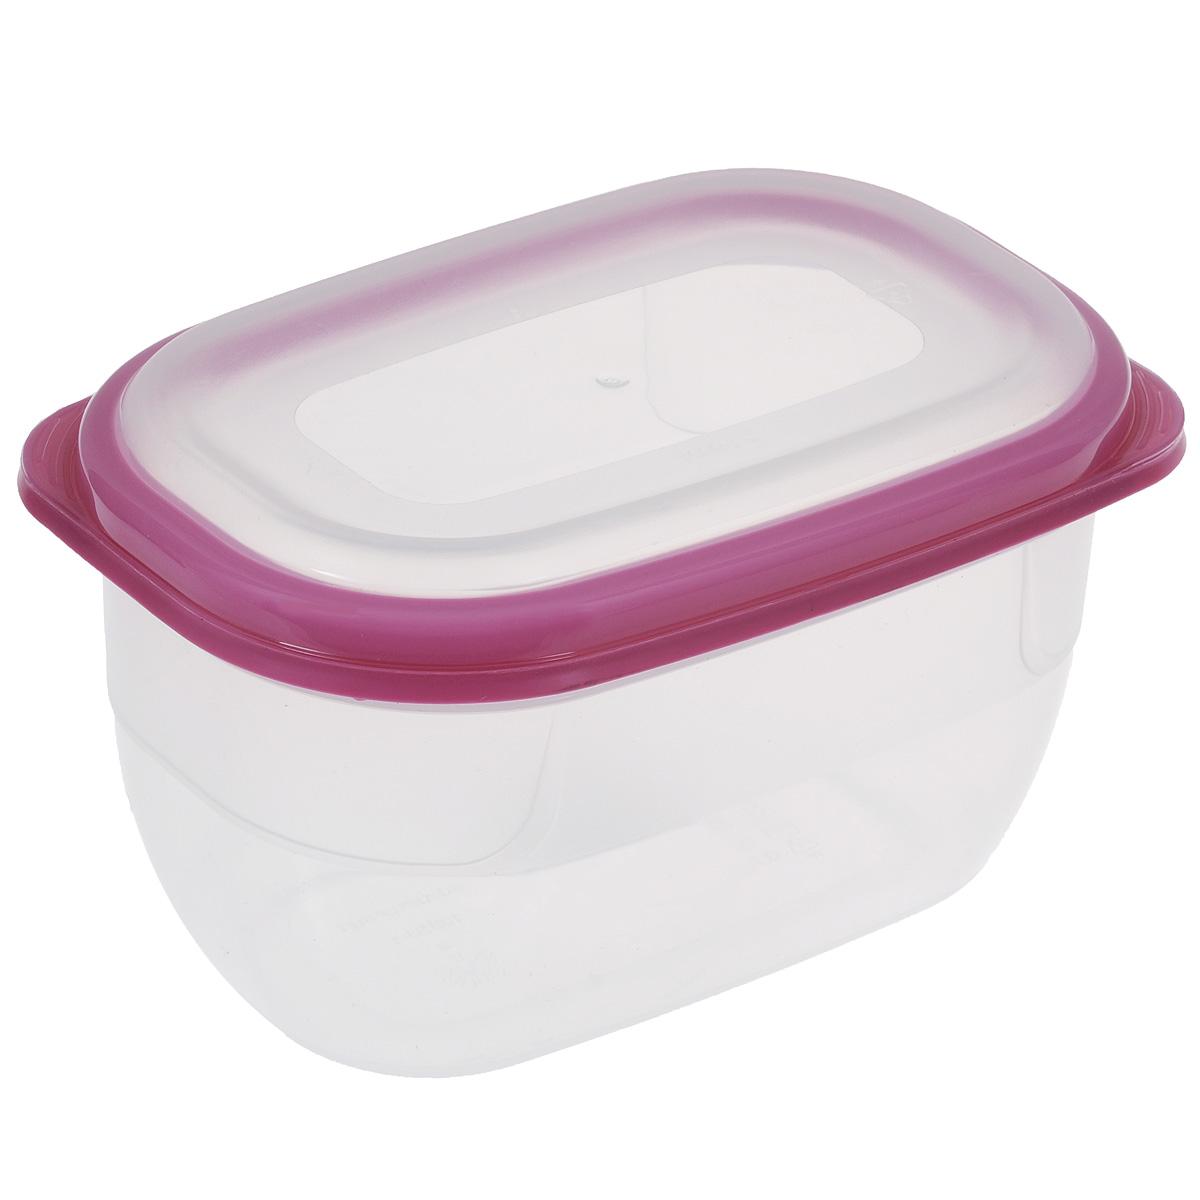 Контейнер для СВЧ Полимербыт Премиум, цвет: прозрачный, розовый, 750 млС561Контейнер Полимербыт Премиум прямоугольной формы, изготовленный из прочного пластика, предназначен специально для хранения пищевых продуктов. Крышка легко открывается и плотно закрывается. Контейнер устойчив к воздействию масел и жиров, легко моется. Прозрачные стенки позволяют видеть содержимое. Контейнер имеет возможность хранения продуктов глубокой заморозки, обладает высокой прочностью. Можно мыть в посудомоечной машине. Контейнер подходит для использования в микроволновой печи без крышки, а также для заморозки в морозильной камере.